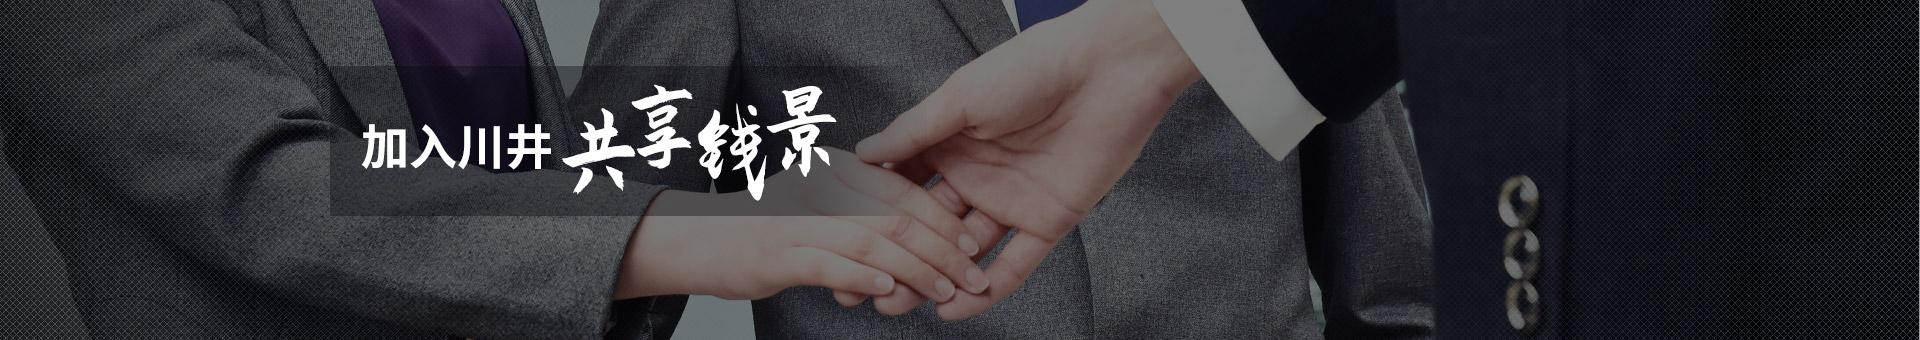 """加入川井,与您共享无限""""钱""""景"""